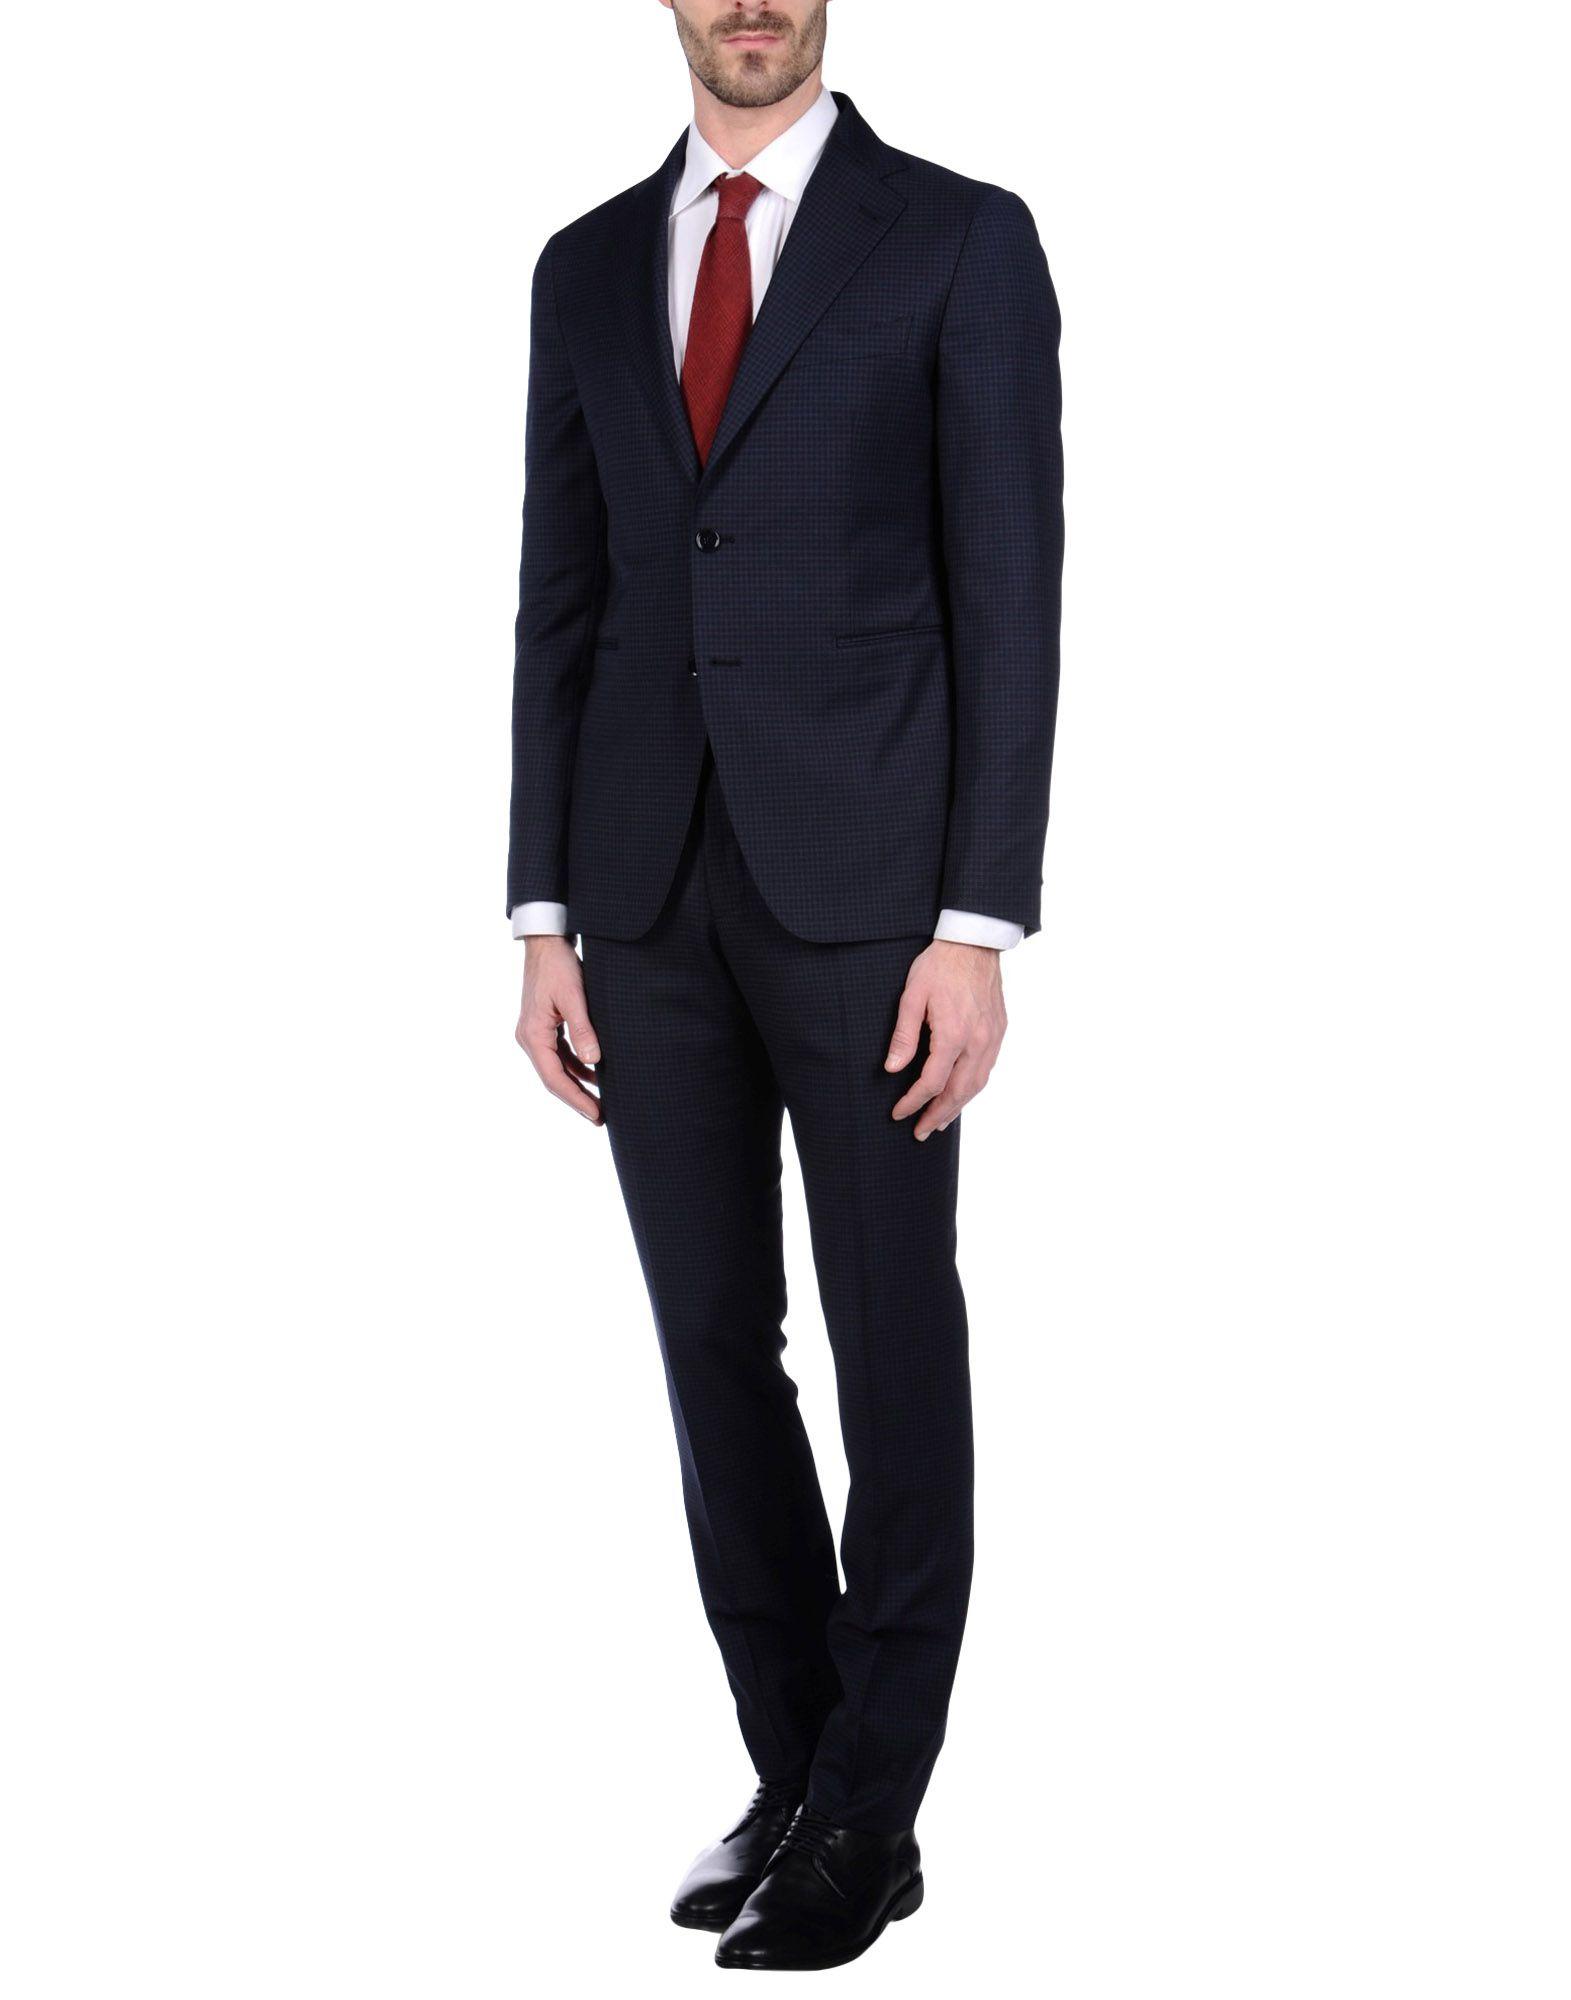 TAGLIATORE per EREDI CHIARINI Костюм eredi chiarini eredi chiarini галстук 154190